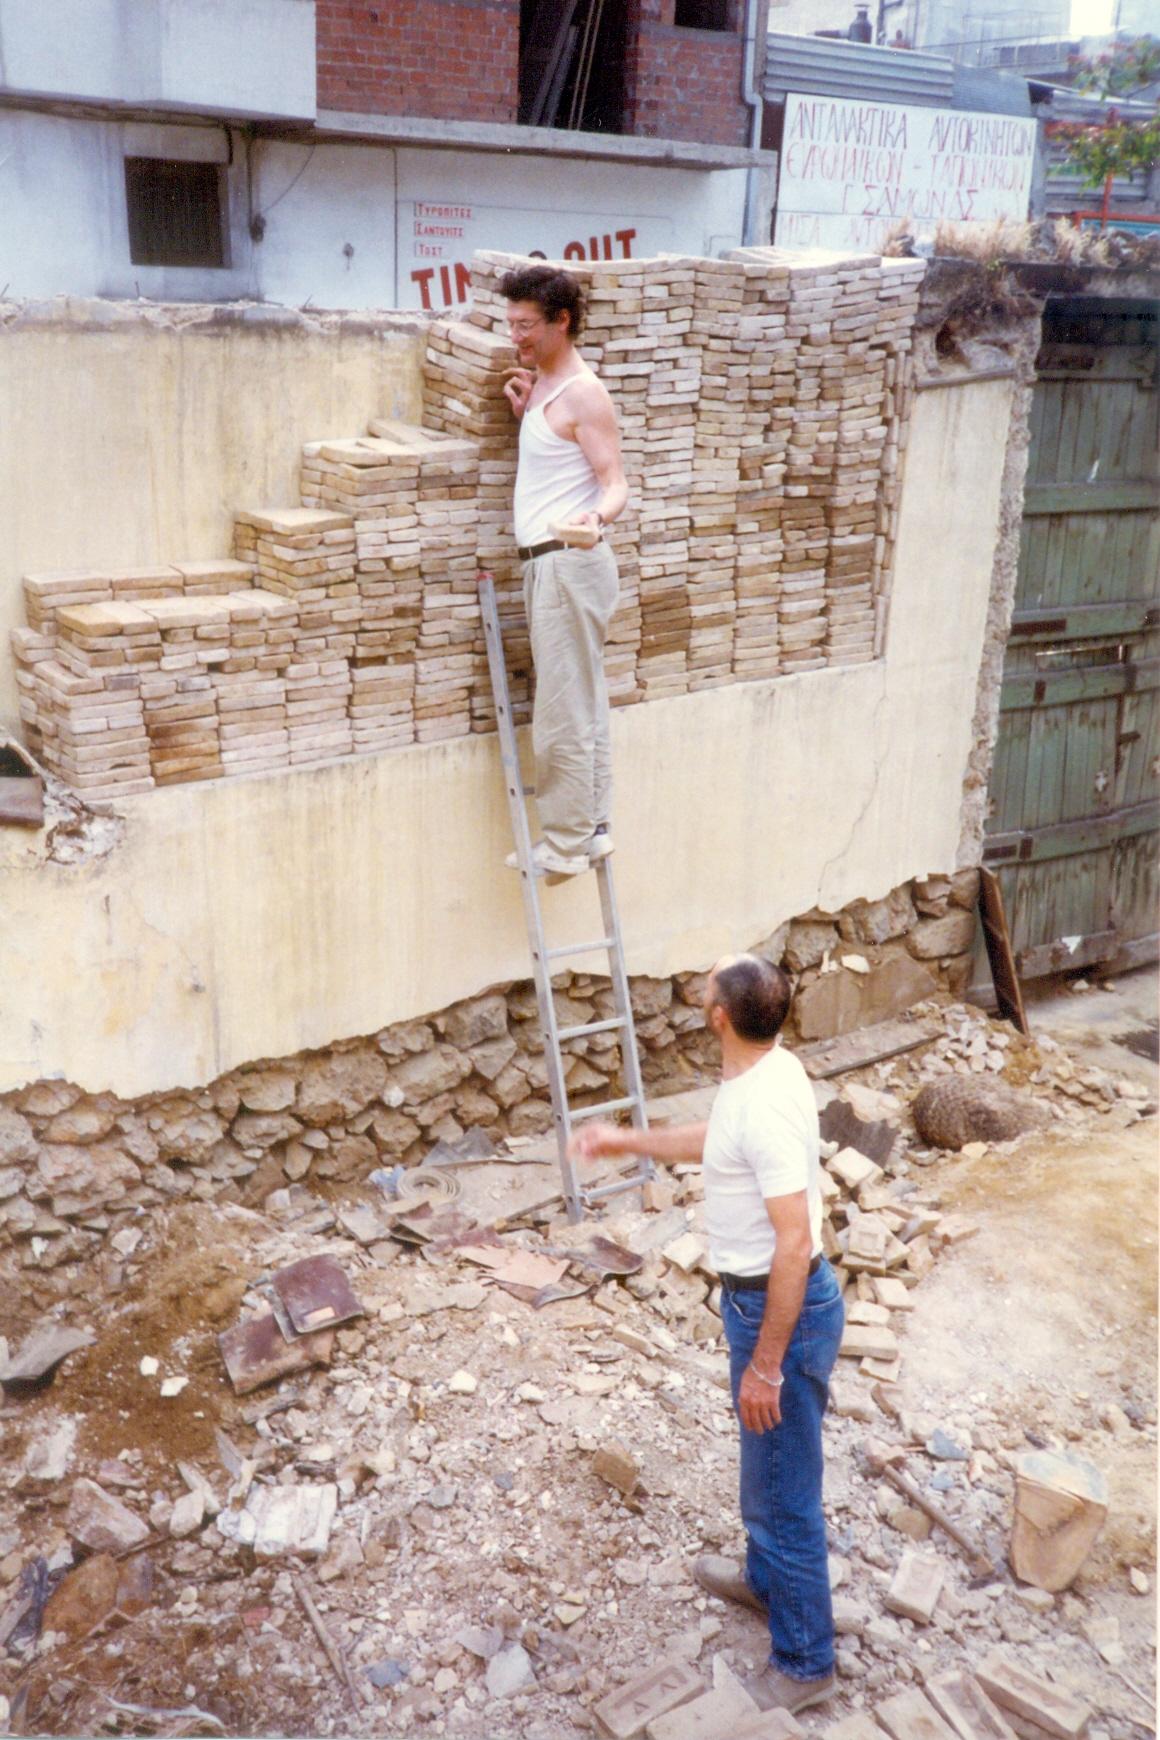 Ο Βαγγέλης Θεοδωρόπουλος κατά την κατασκευή του θεάτρου